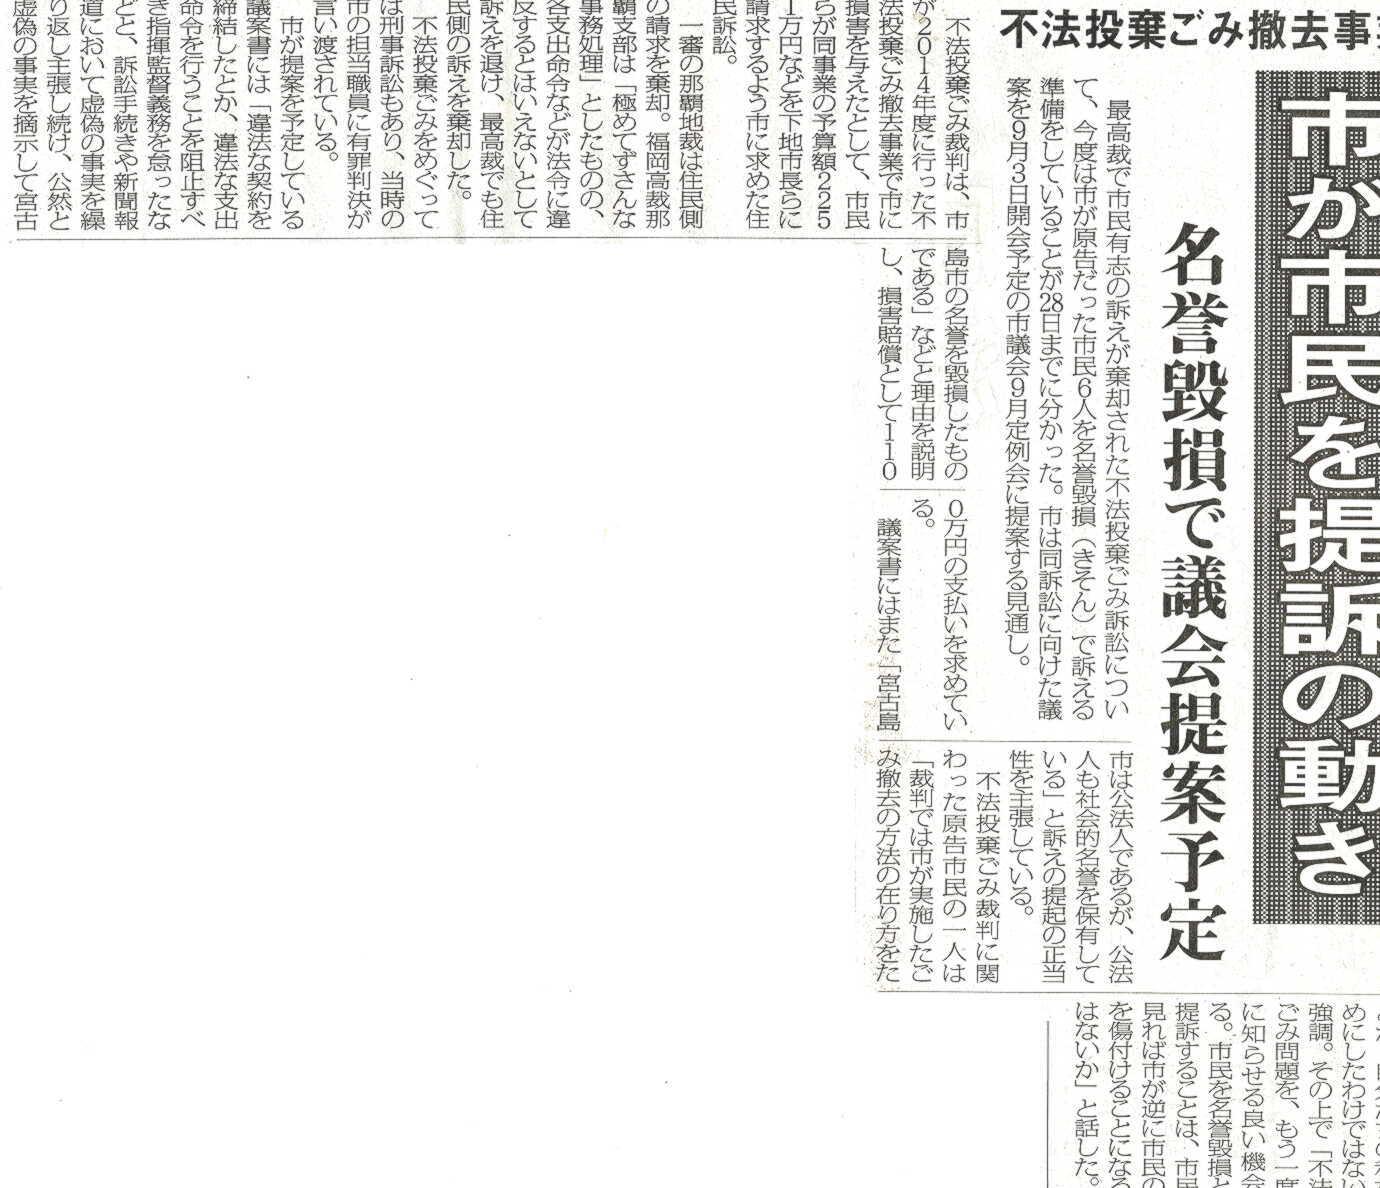 miyakomainichi2019 08291